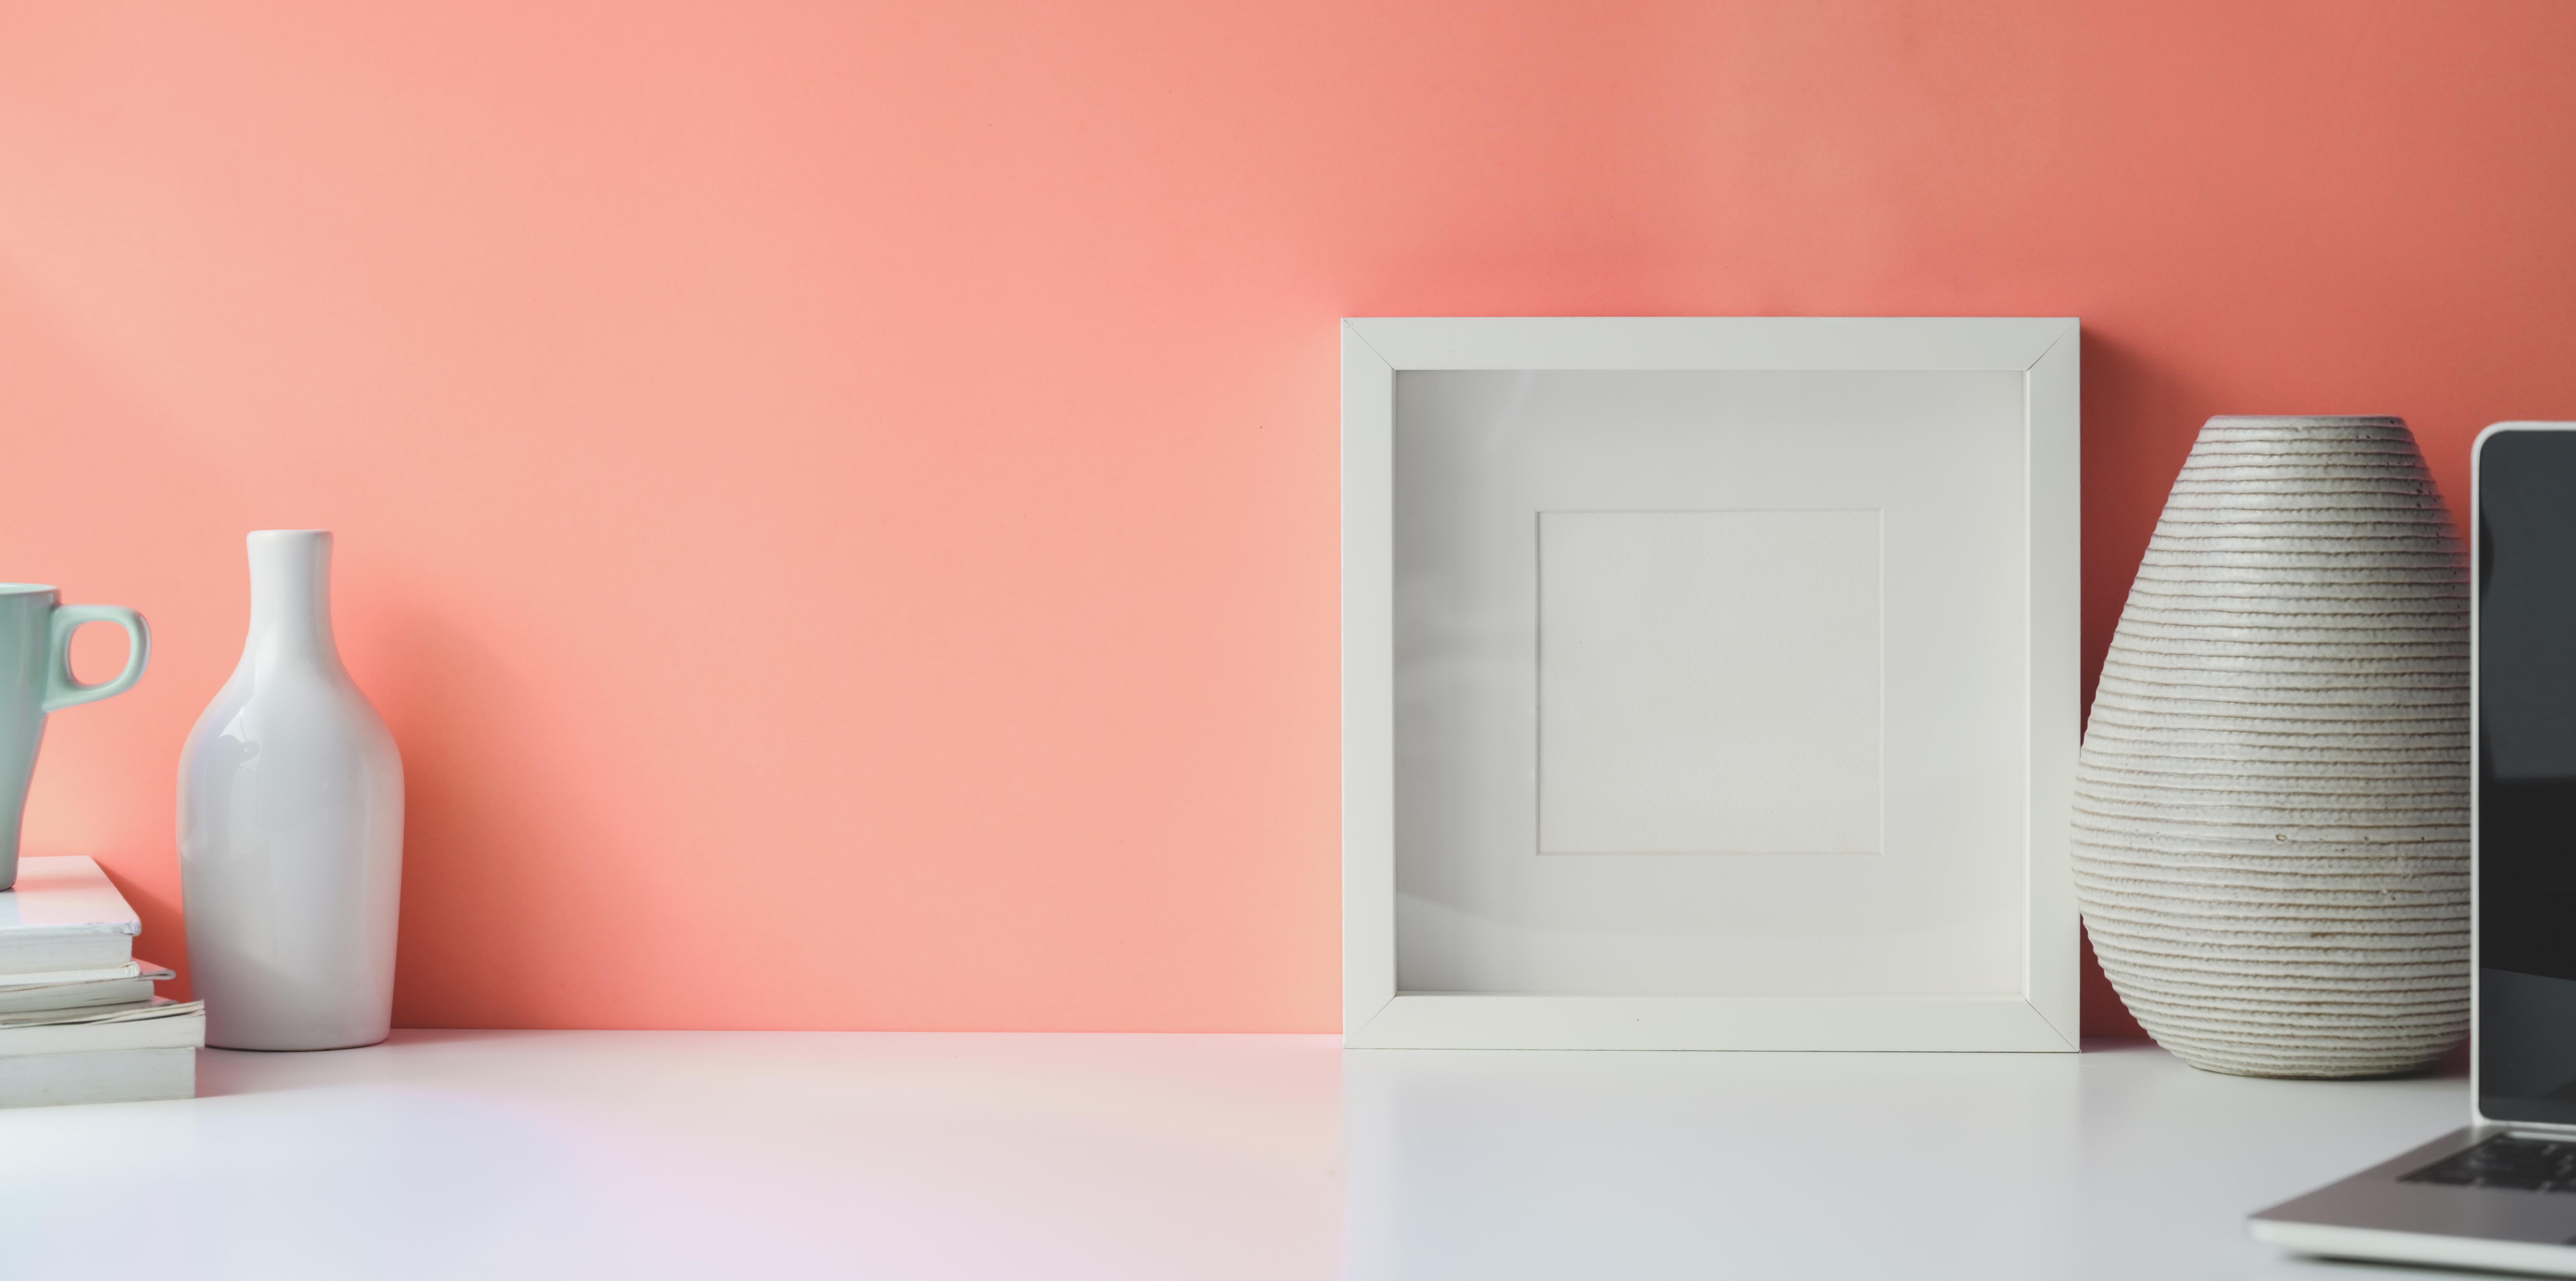 снимка на стена, боядисана в розово